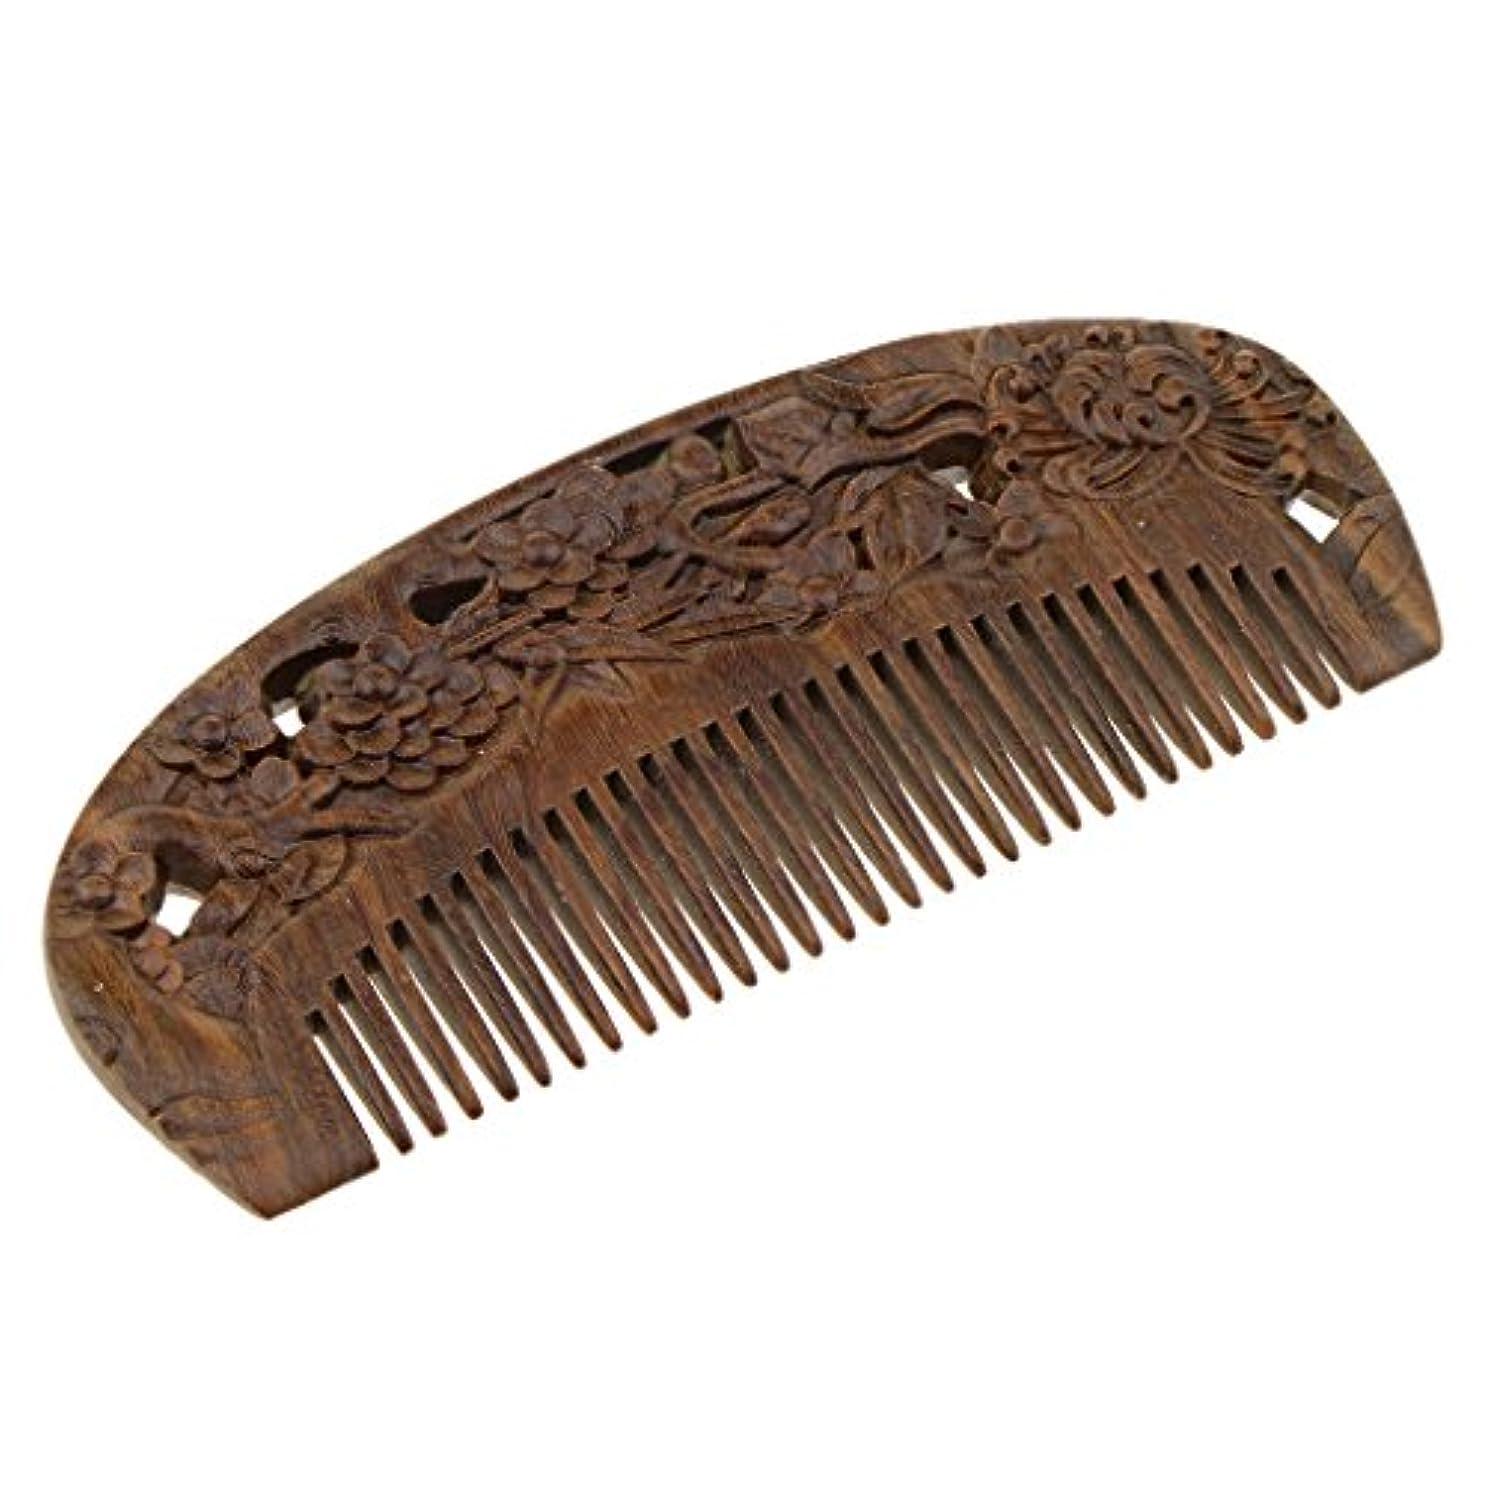 輪郭オプショナル延ばすヘアコーム 木製櫛 頭皮マッサージ 櫛 ヘアスタイリング 高品質 2タイプ選べる - #2